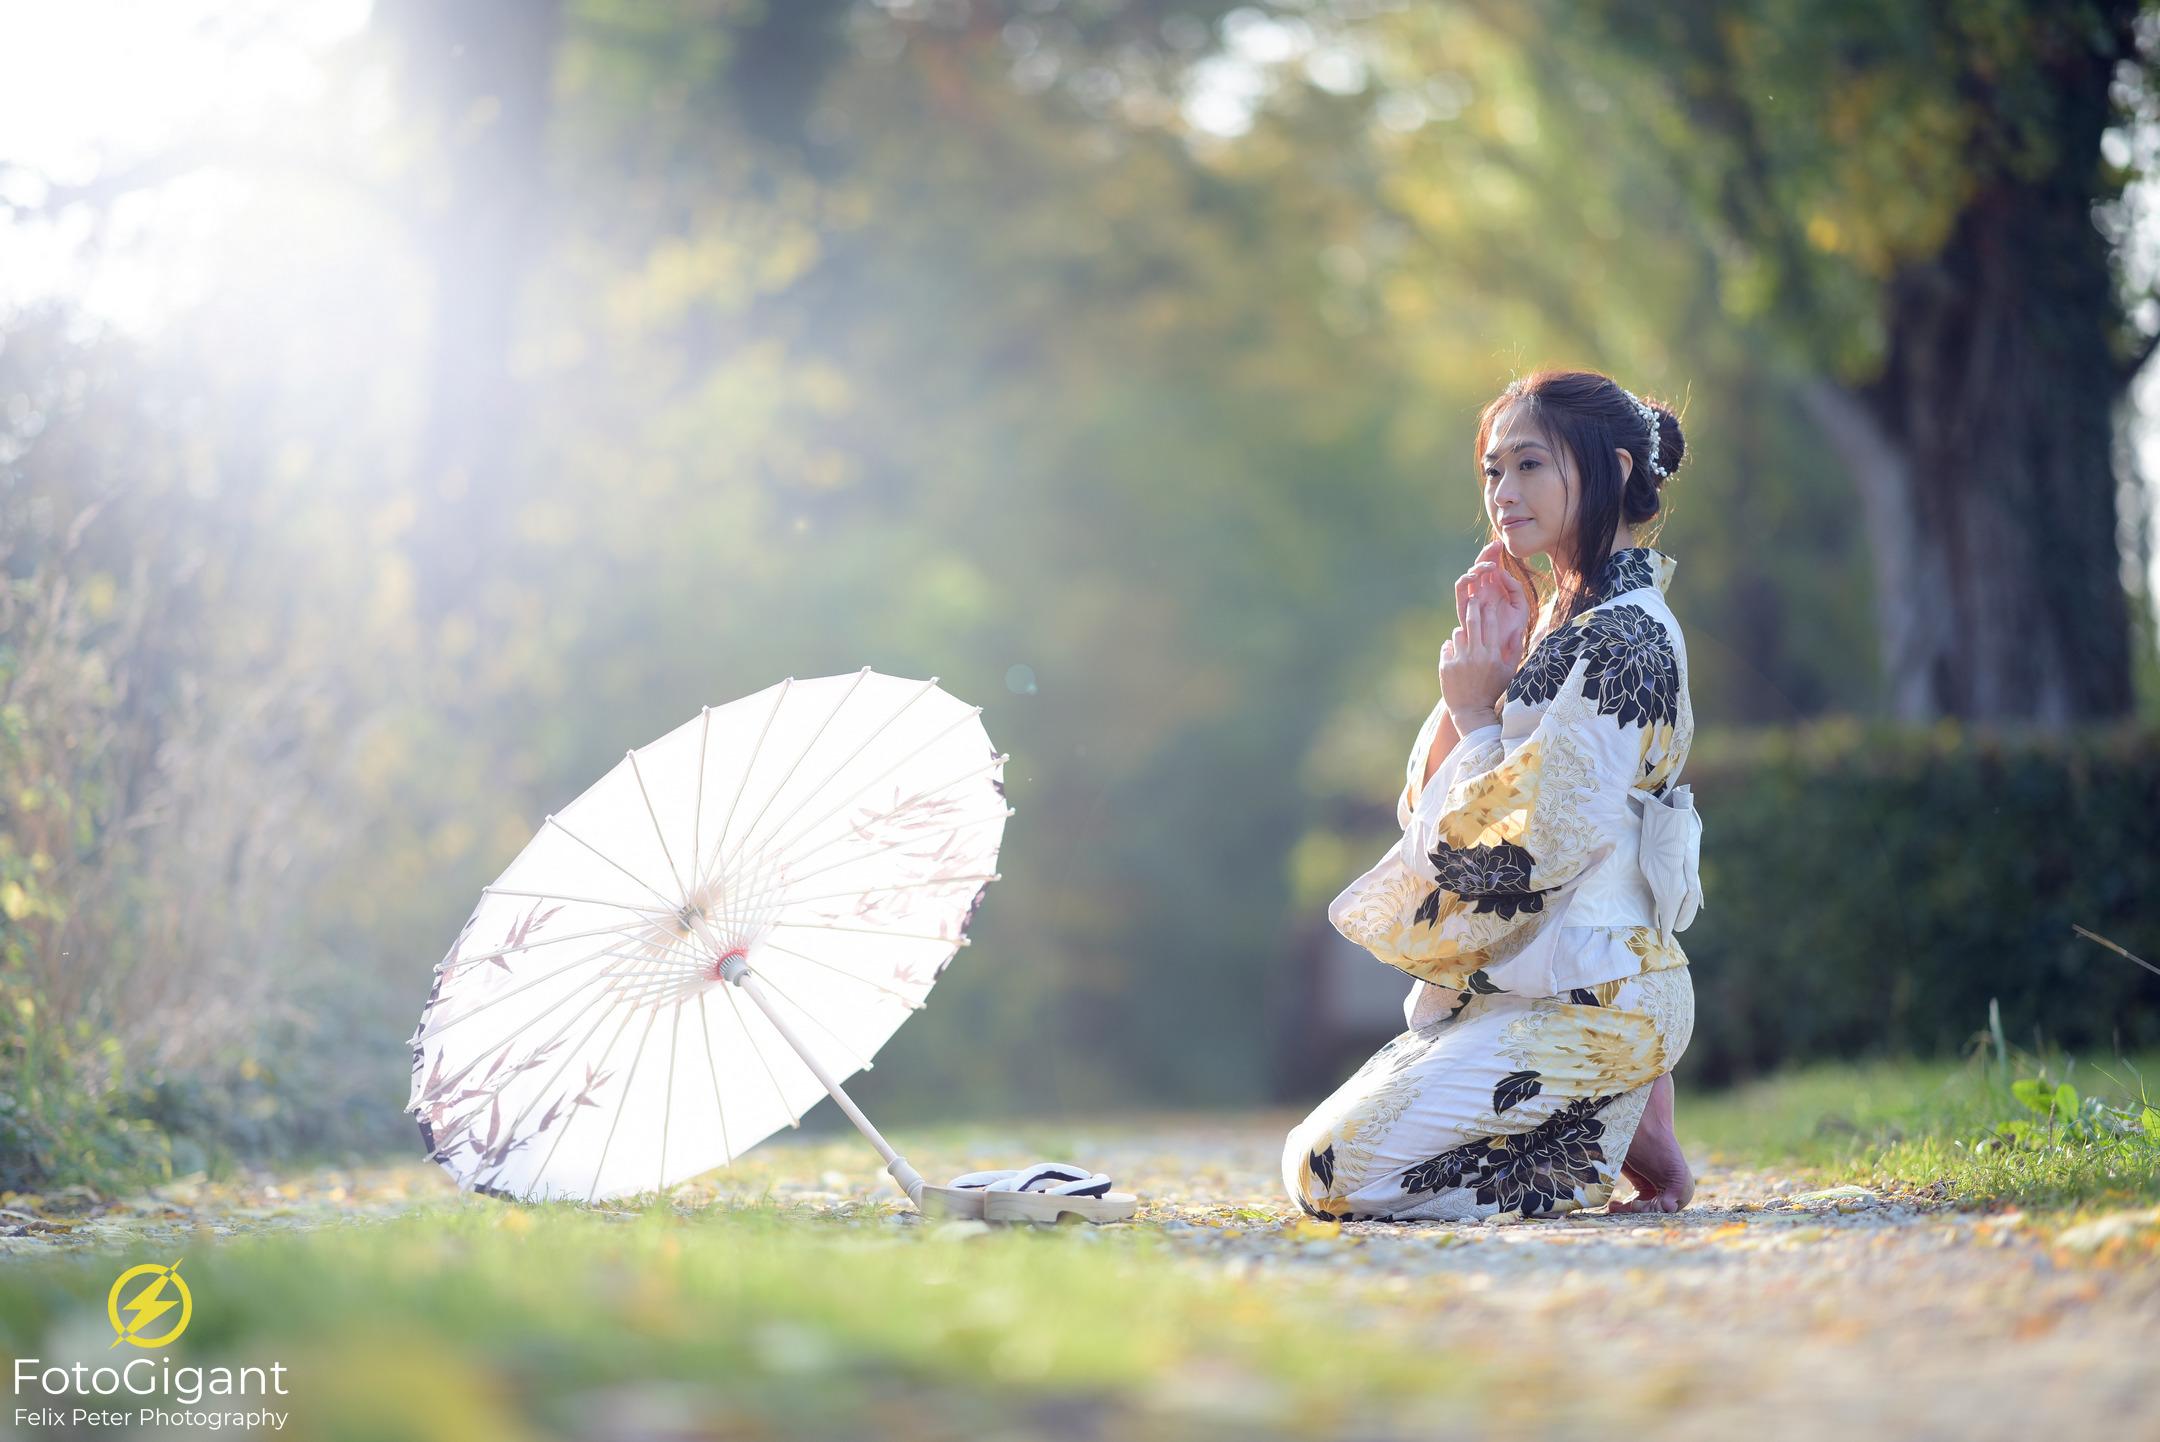 Japanese-Kimono_YuWi_FotoGigant_02.jpg